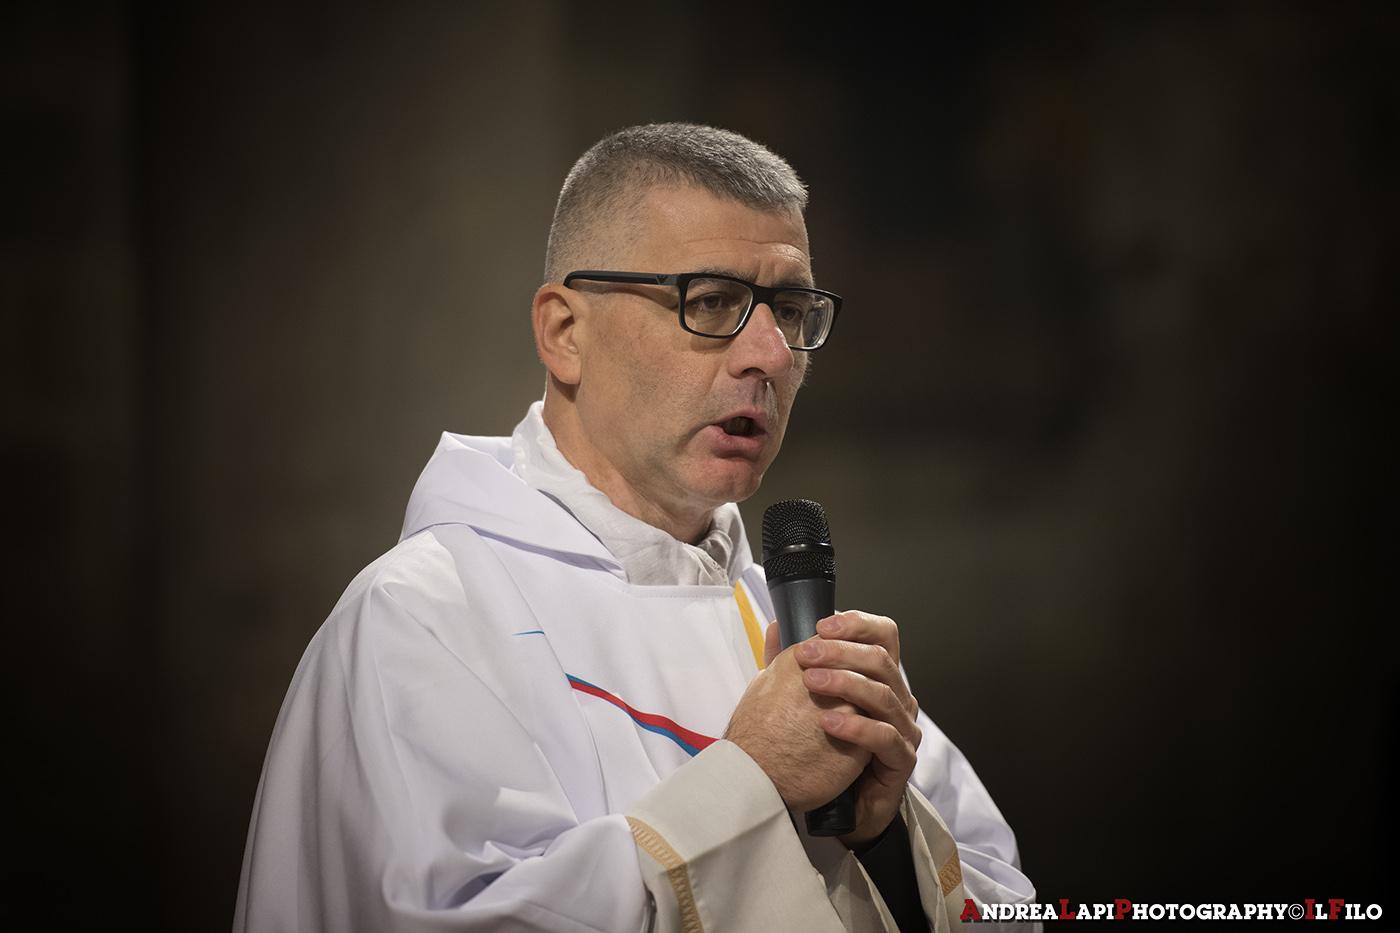 Don Maurizio Tagliaferri